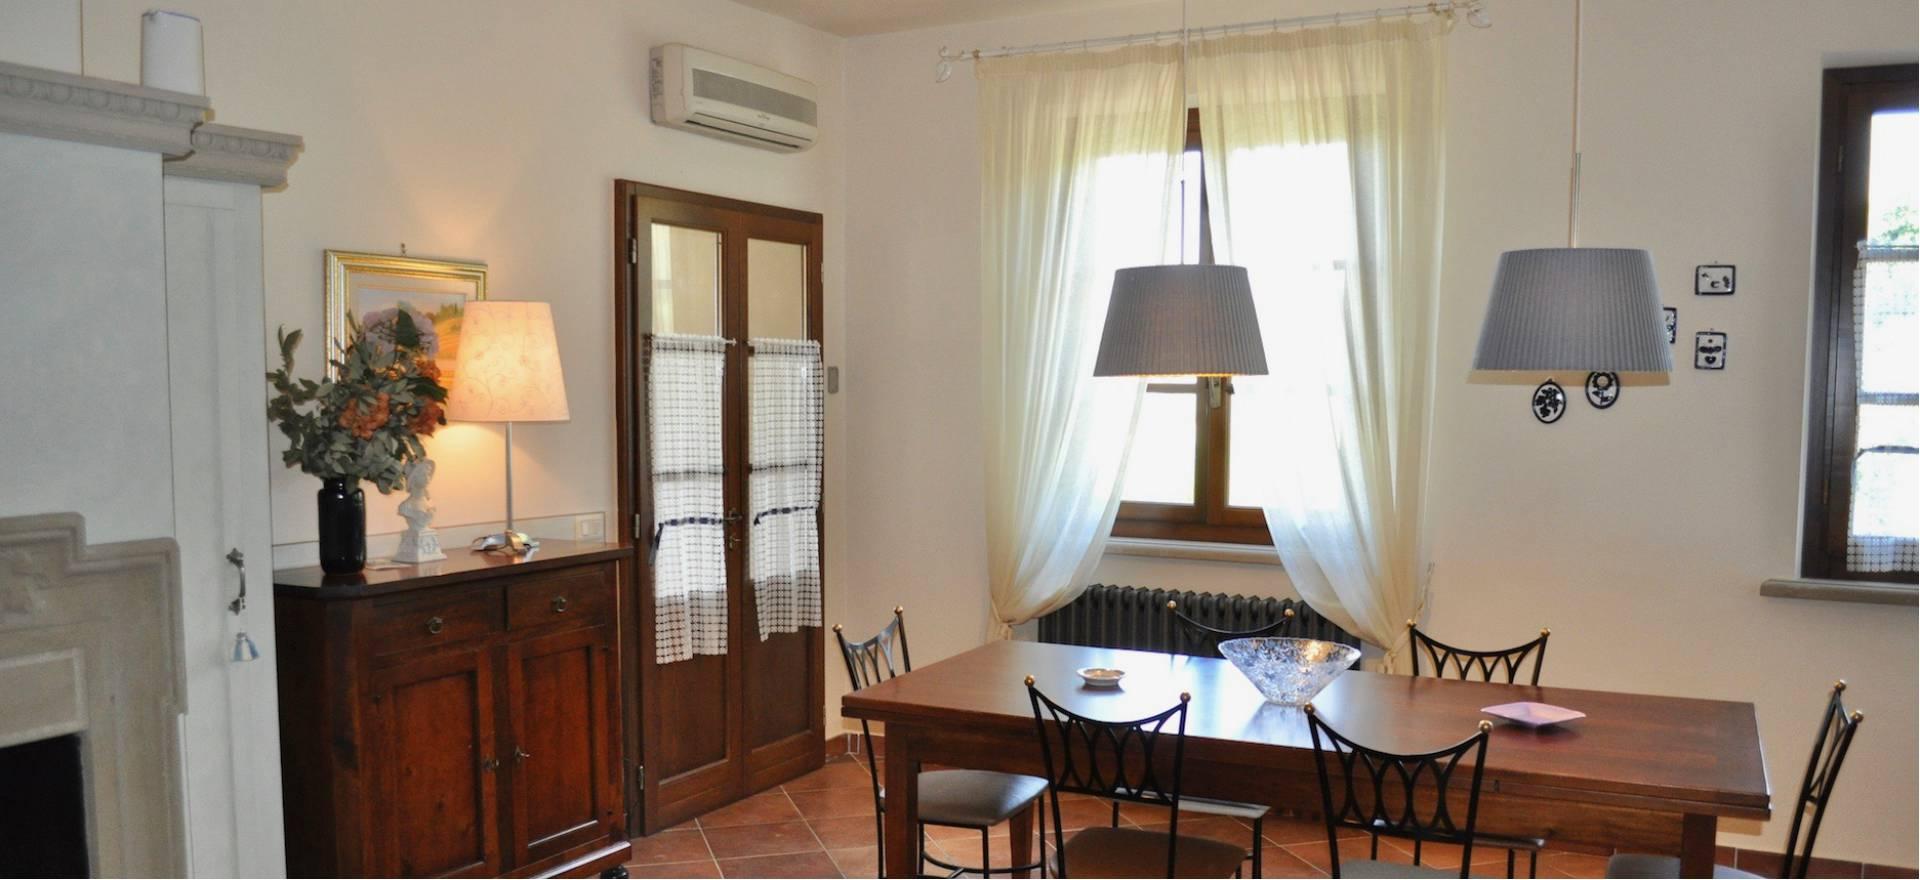 Kleine en luxe agriturismo bij Volterra in Toscane